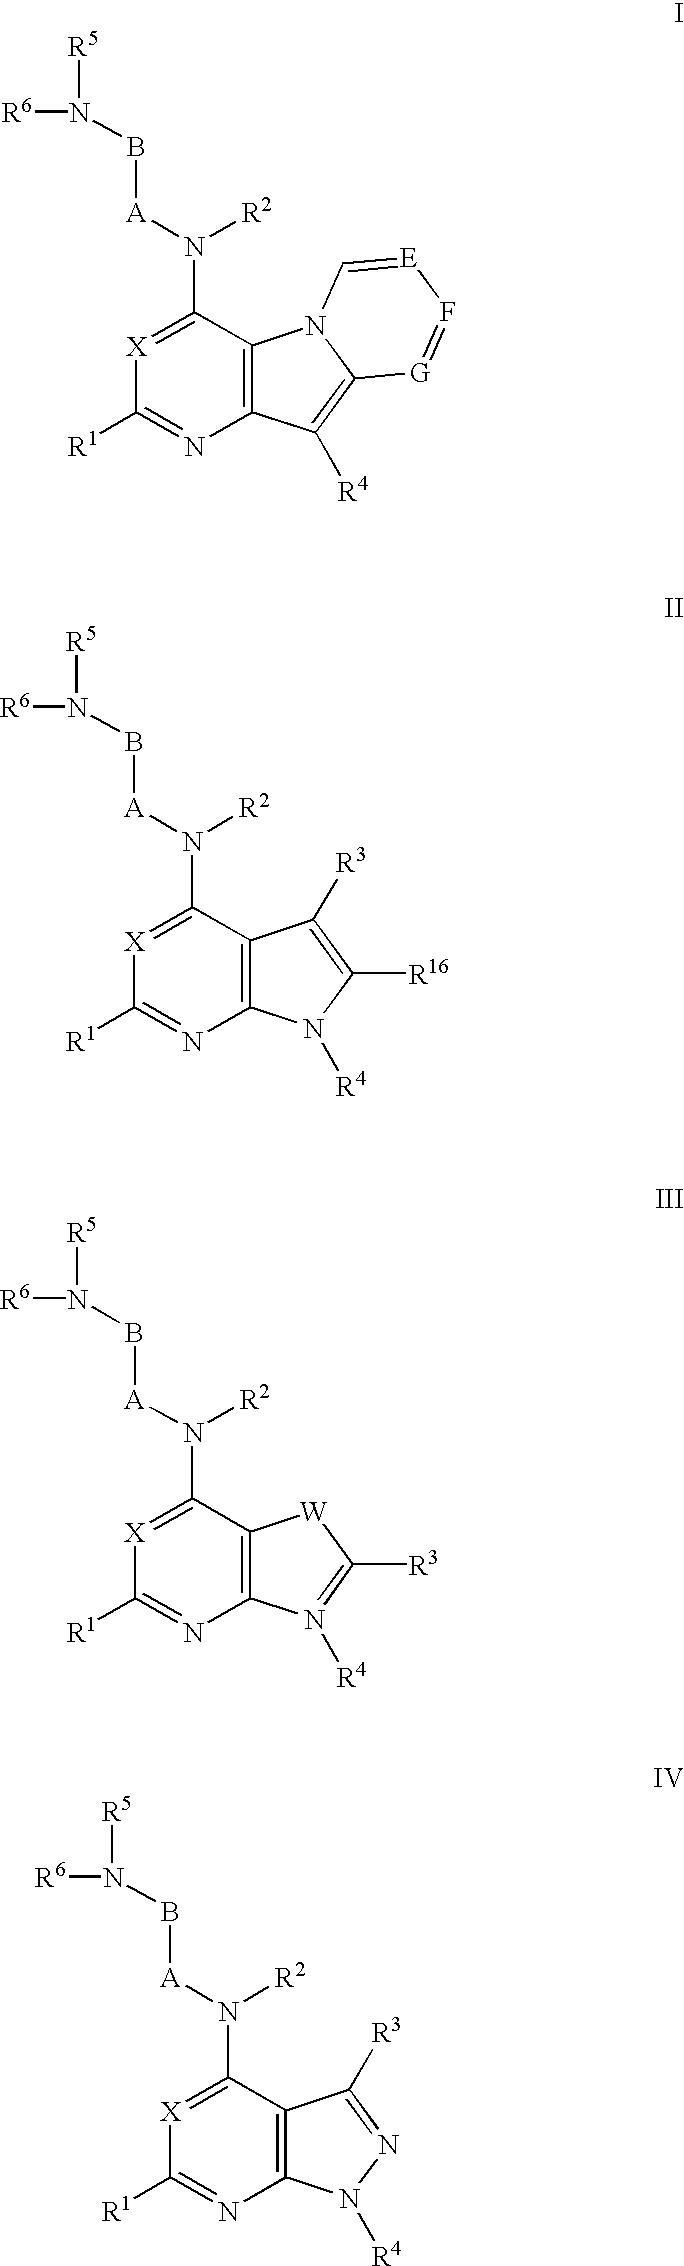 Figure US06506762-20030114-C00004